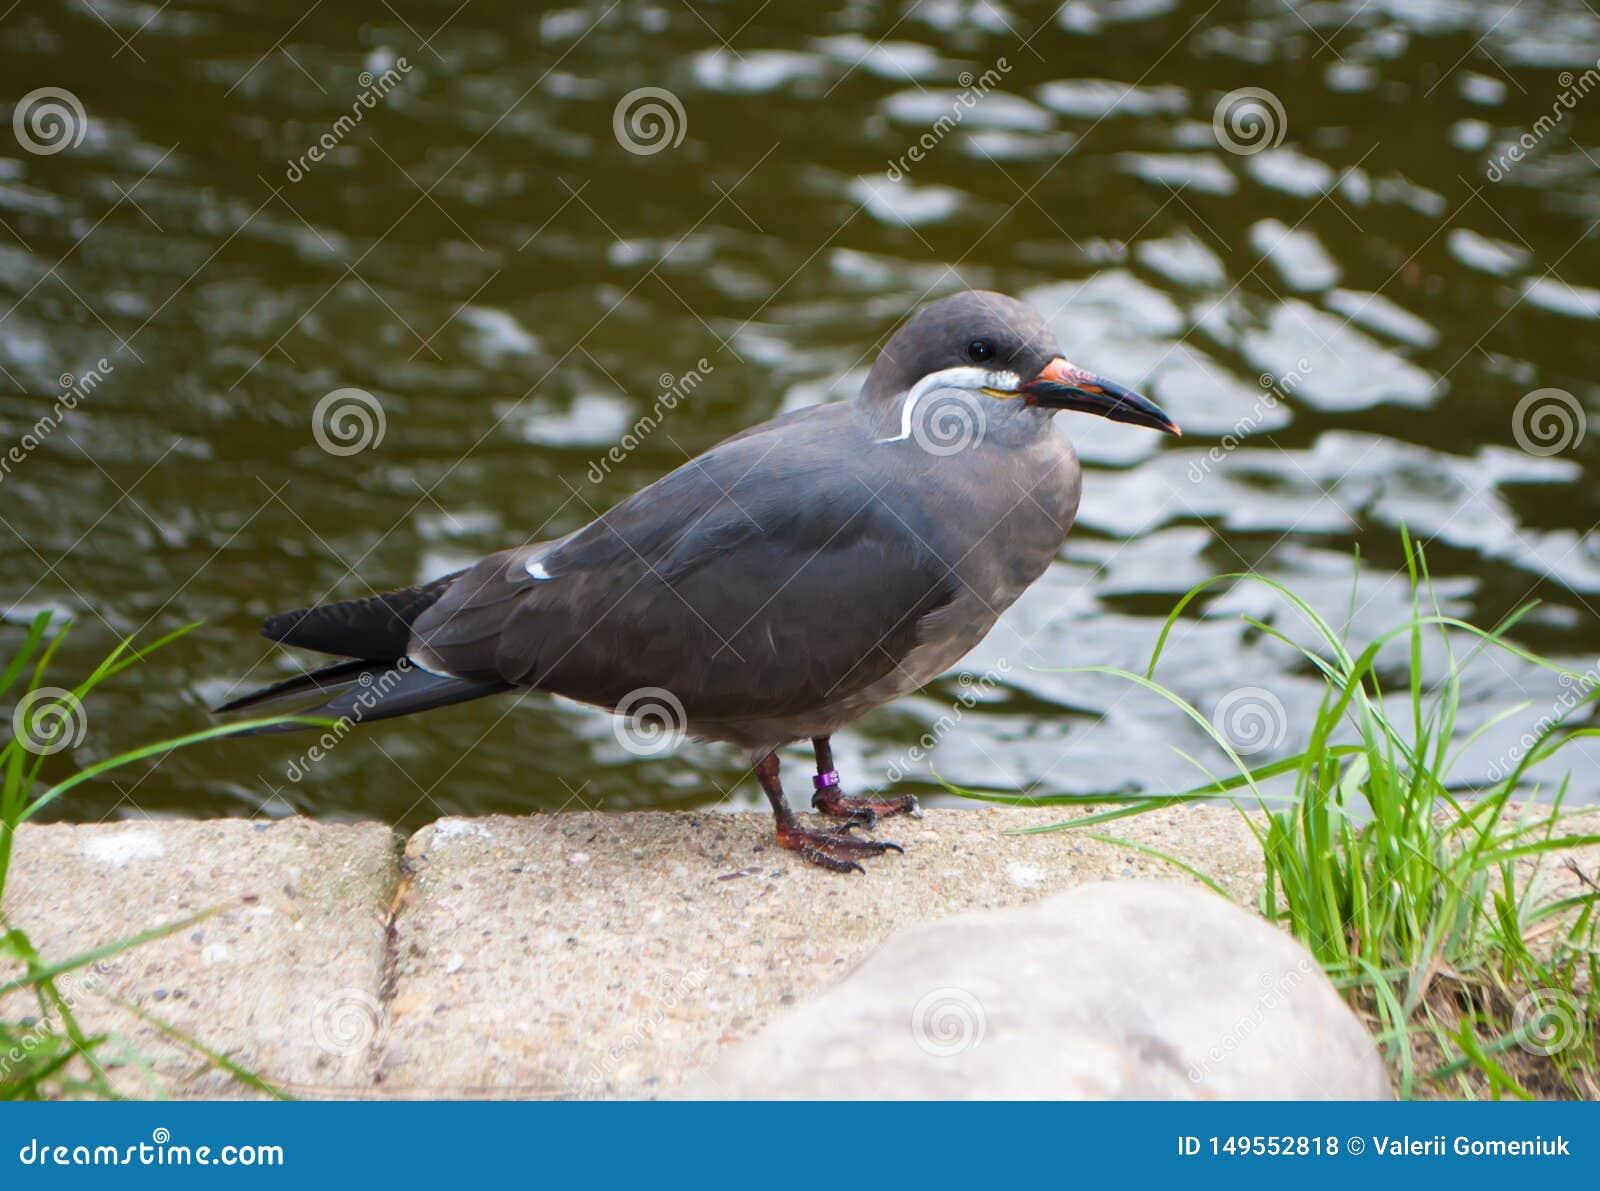 IncatärnaLarosterna inca, grå fågel, med den vita långa mustaschen som sitter på en sten nära en behållare